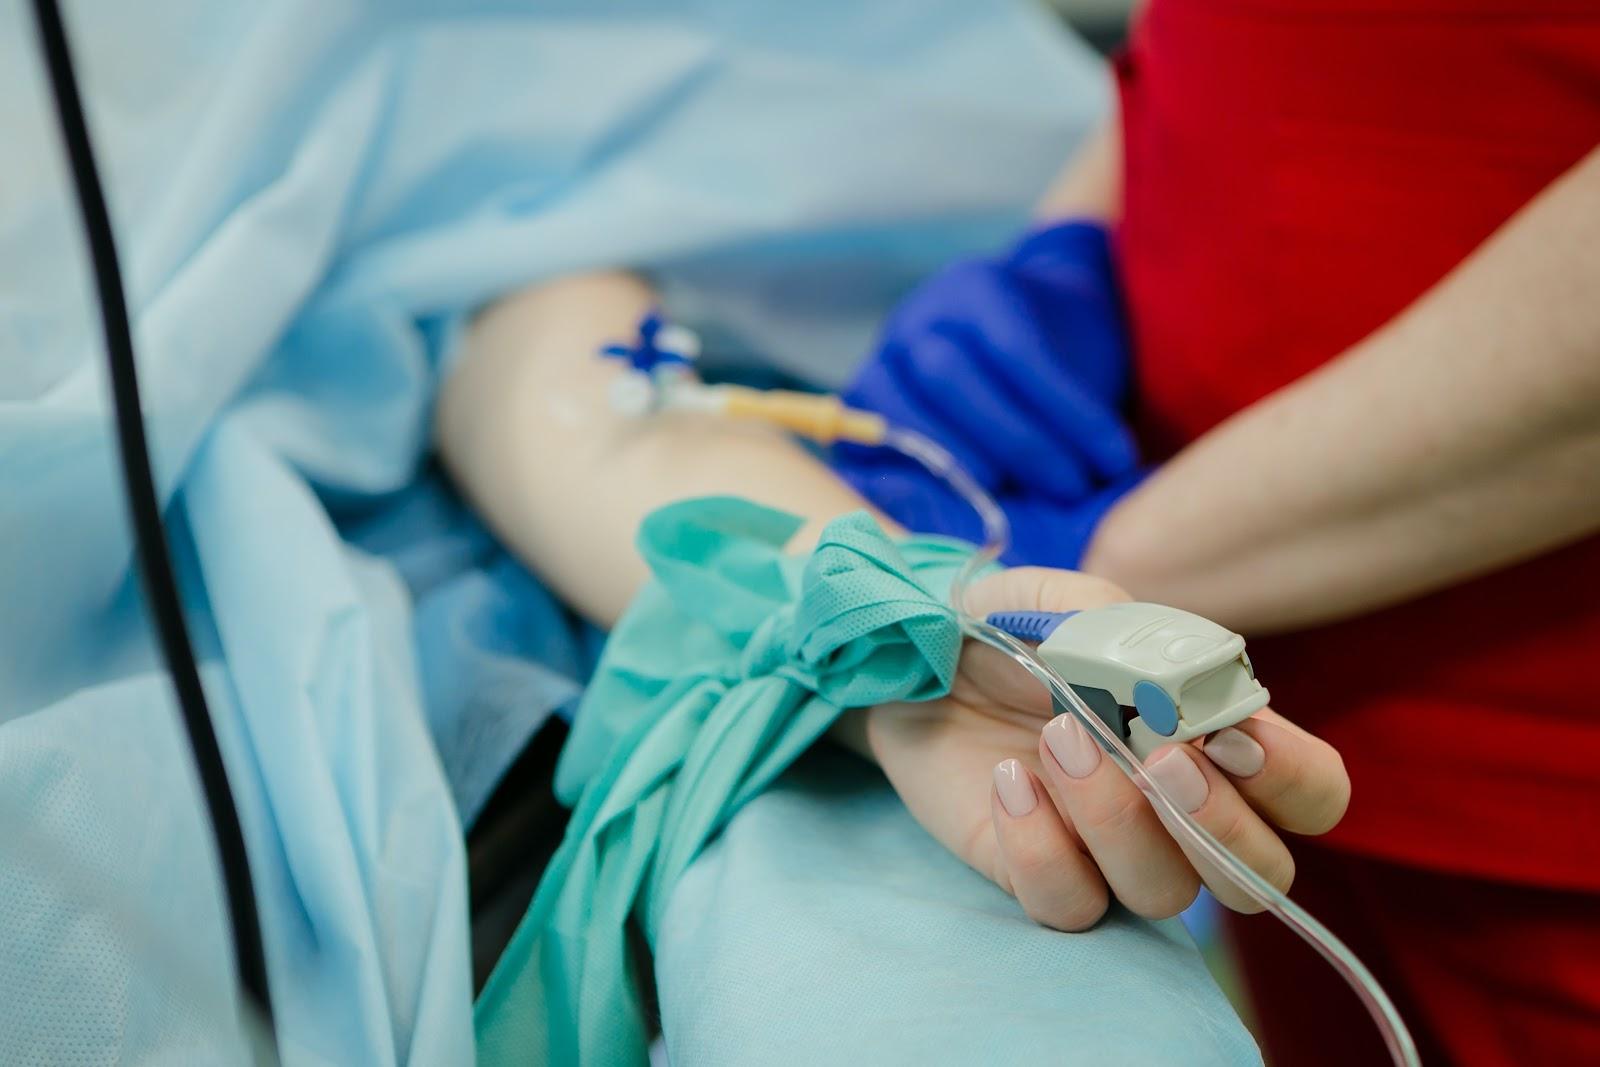 O parto prematuro é uma das principais complicações dos quadros graves de Covid-19 em gestantes. (Fonte: Unsplash)